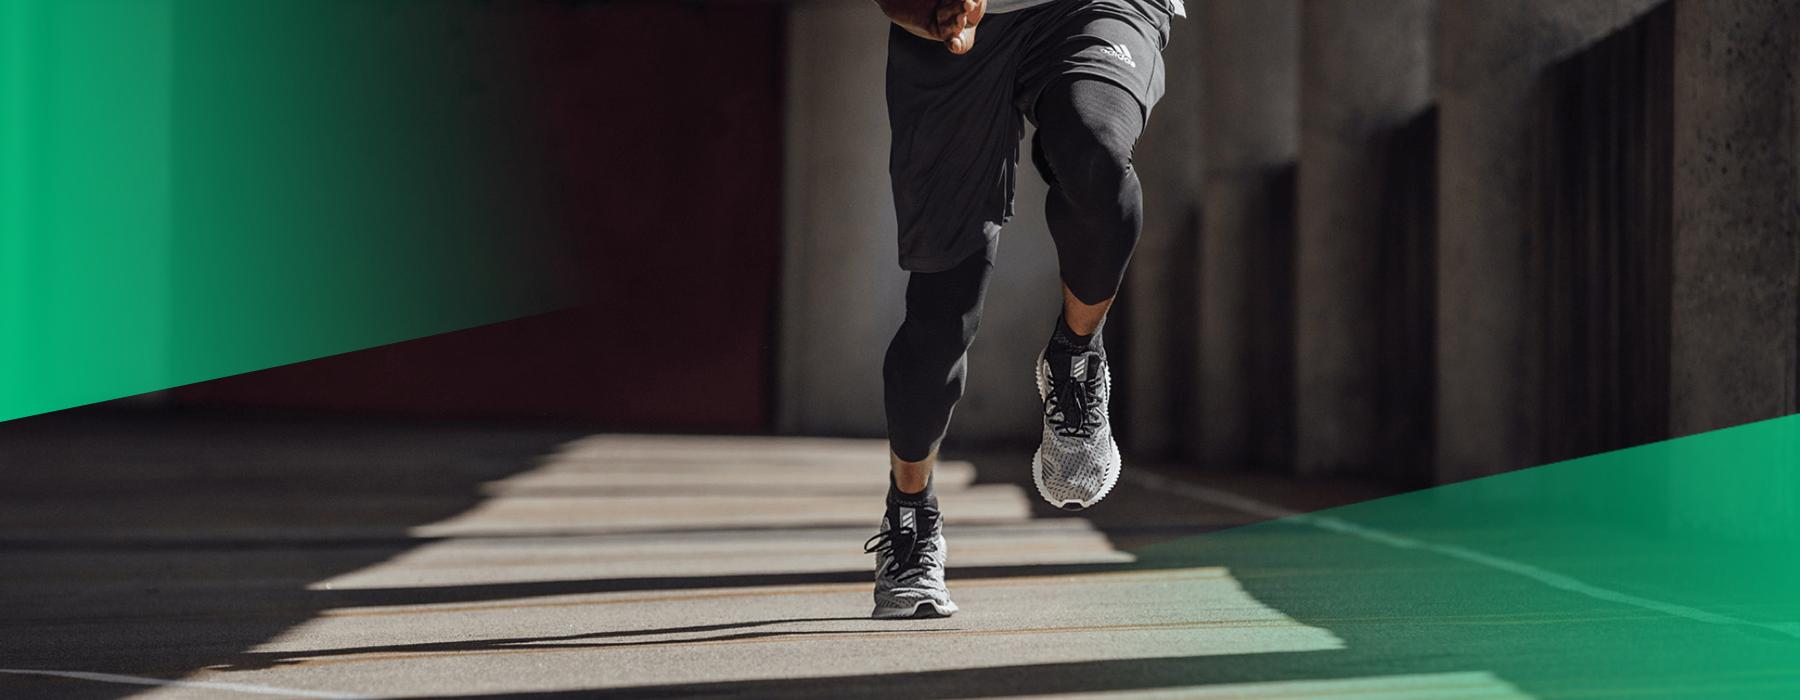 Sportakias.gr Adidas